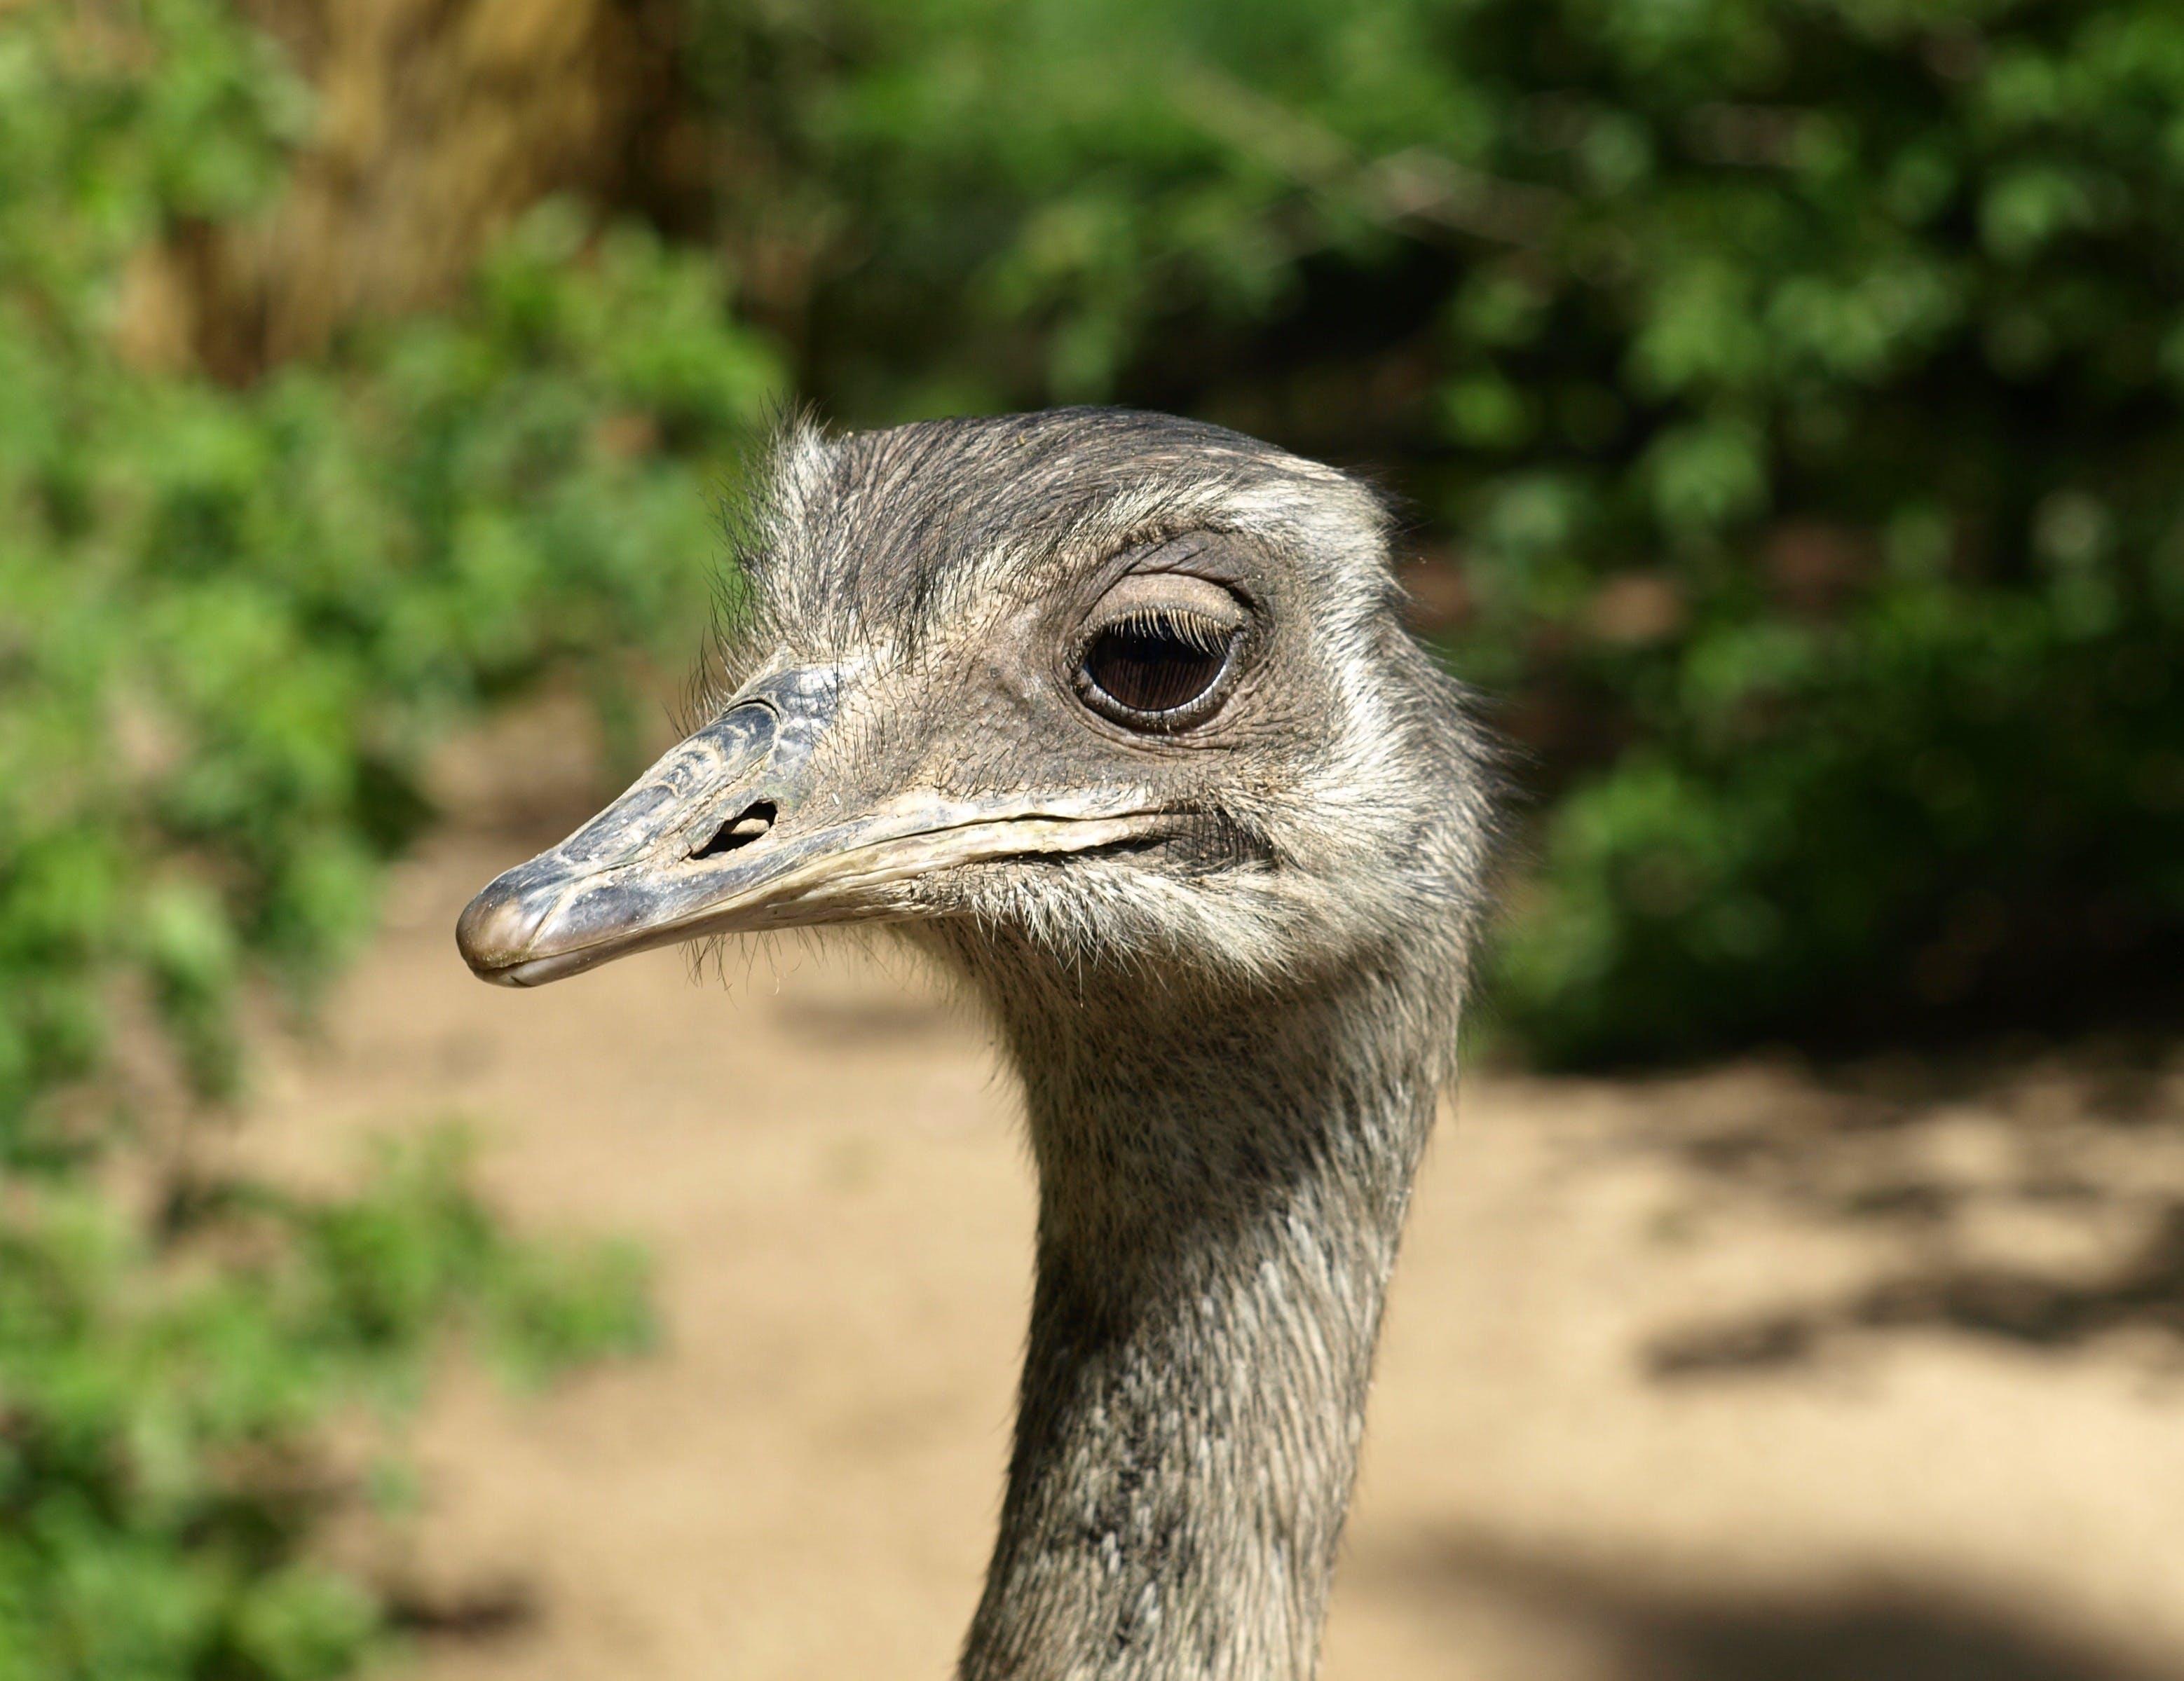 คลังภาพถ่ายฟรี ของ rheidae, นกกระจอกเทศ, นกตัวใหญ่, นกที่บินไม่ได้